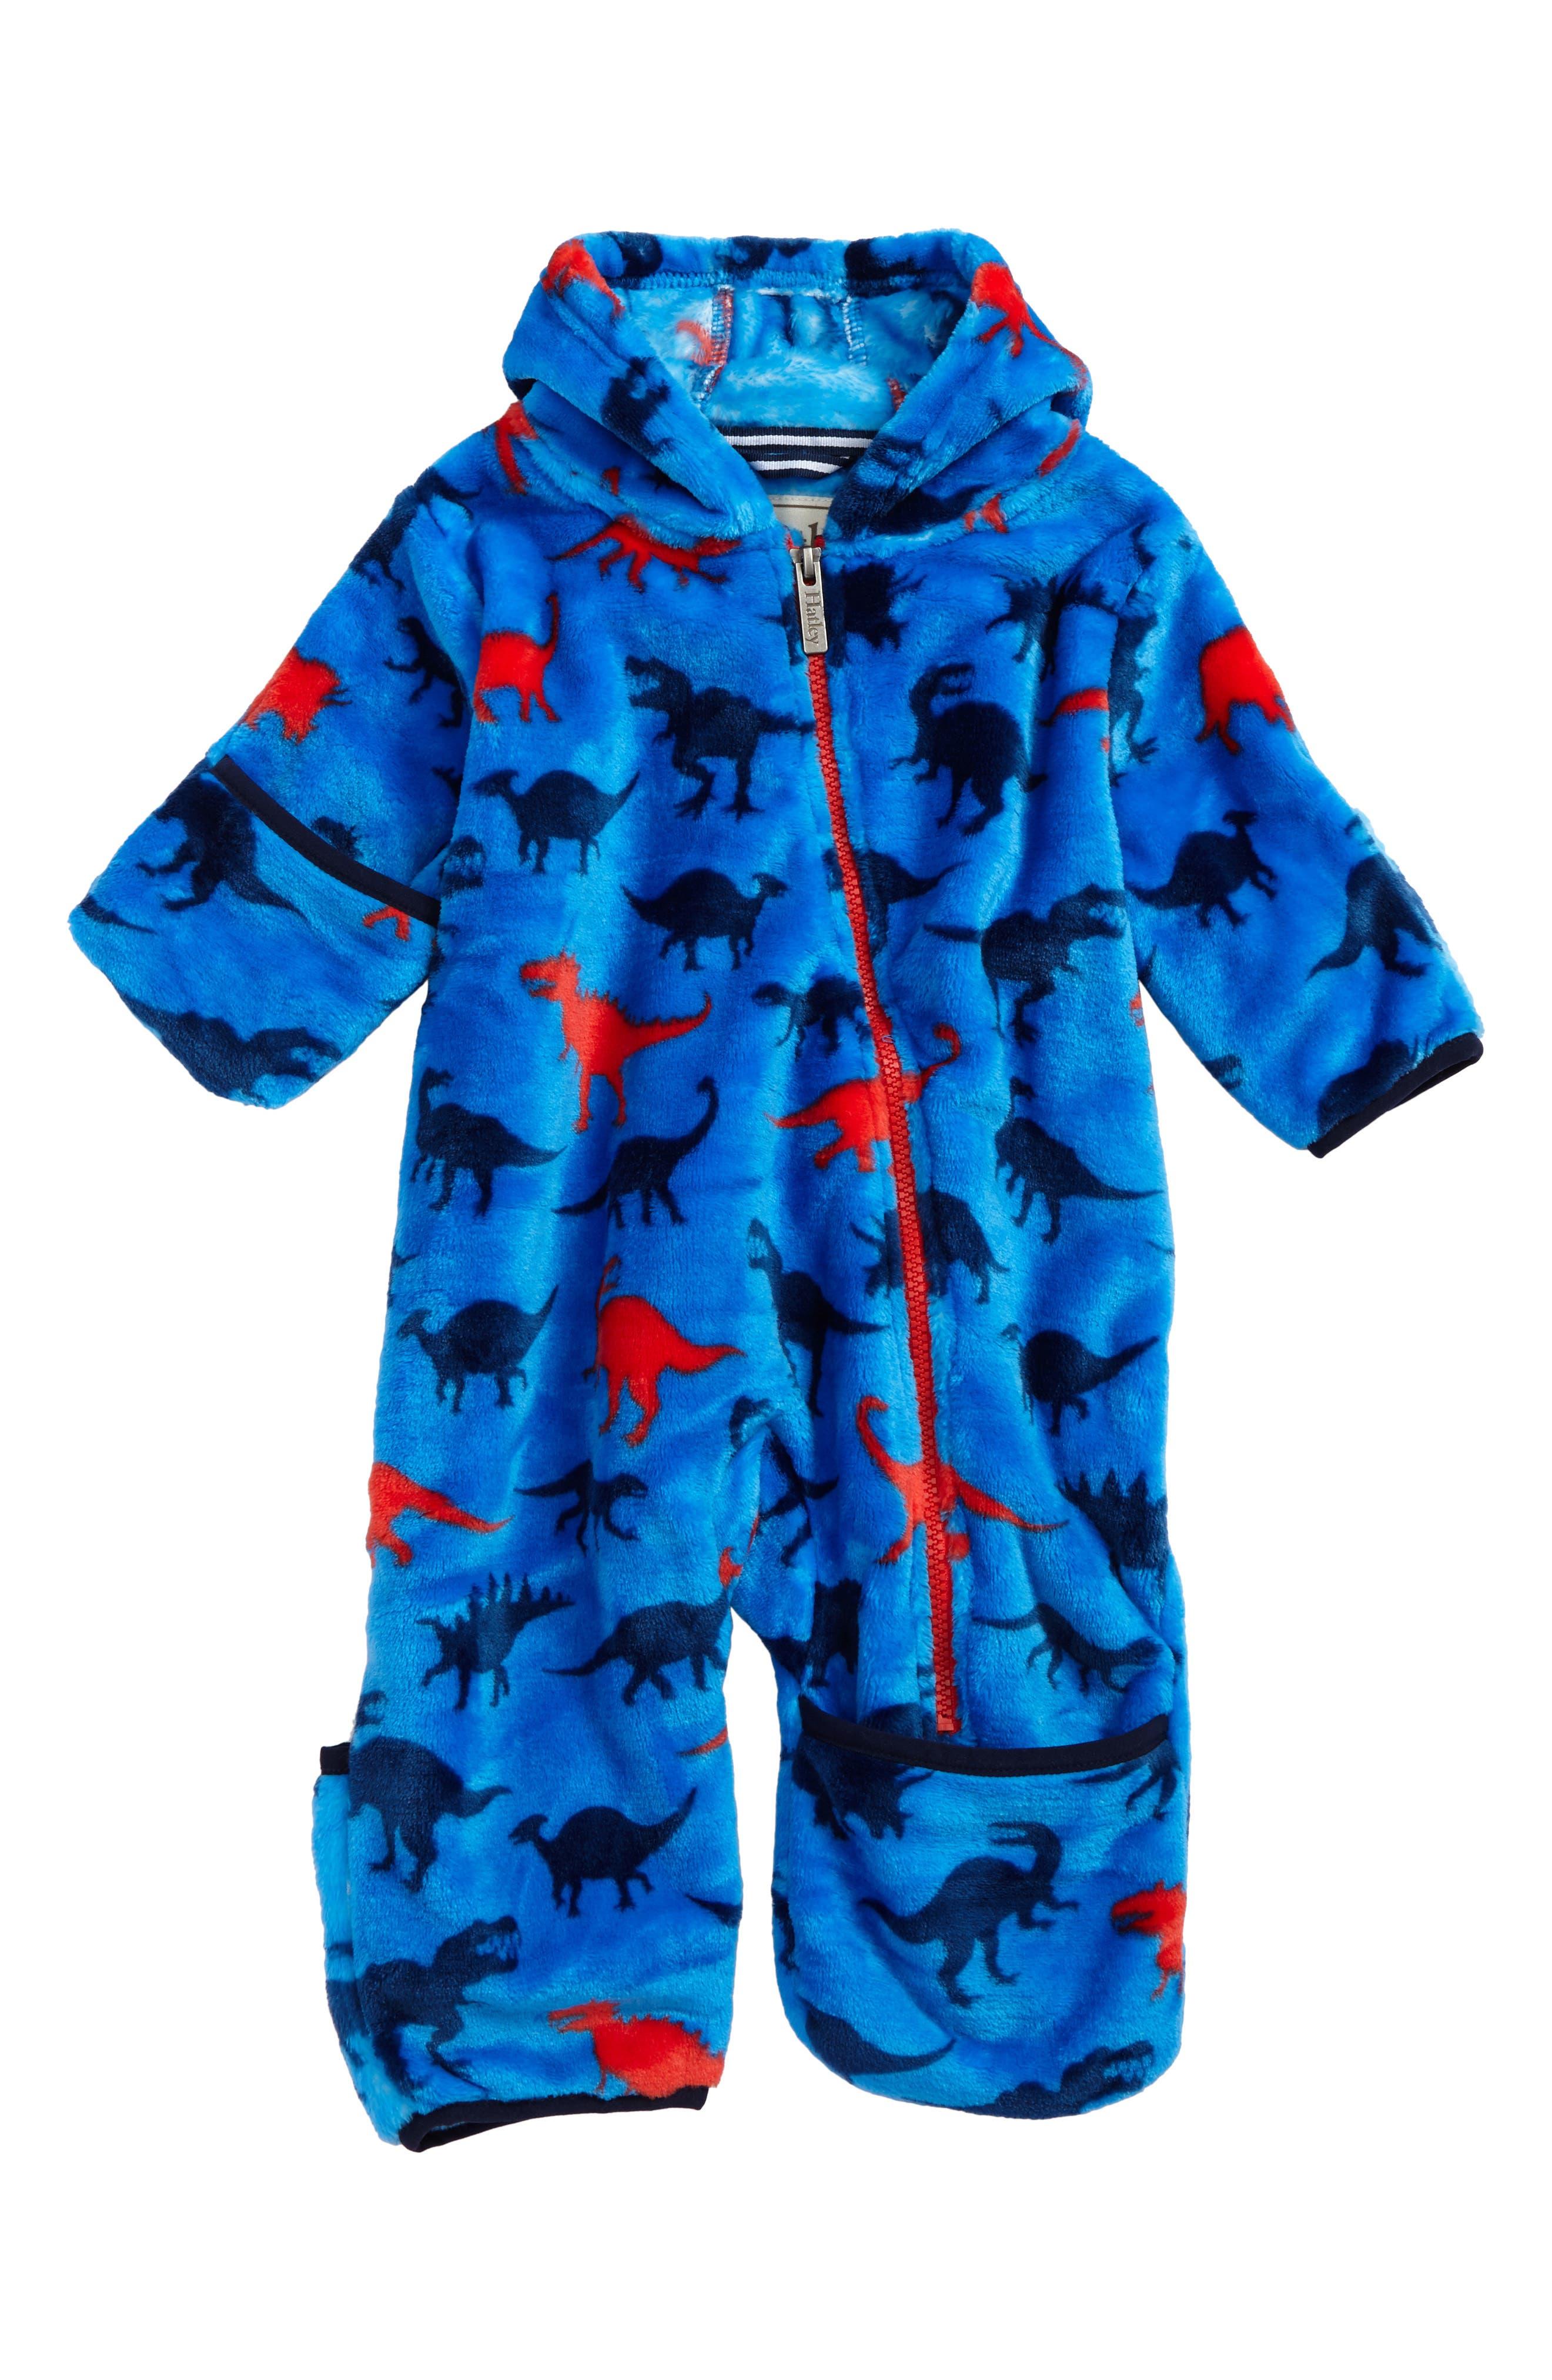 Dinosaur Shapes 9-12 Months Hatley Boys Mini Fuzzy Fleece Bundler Jacket